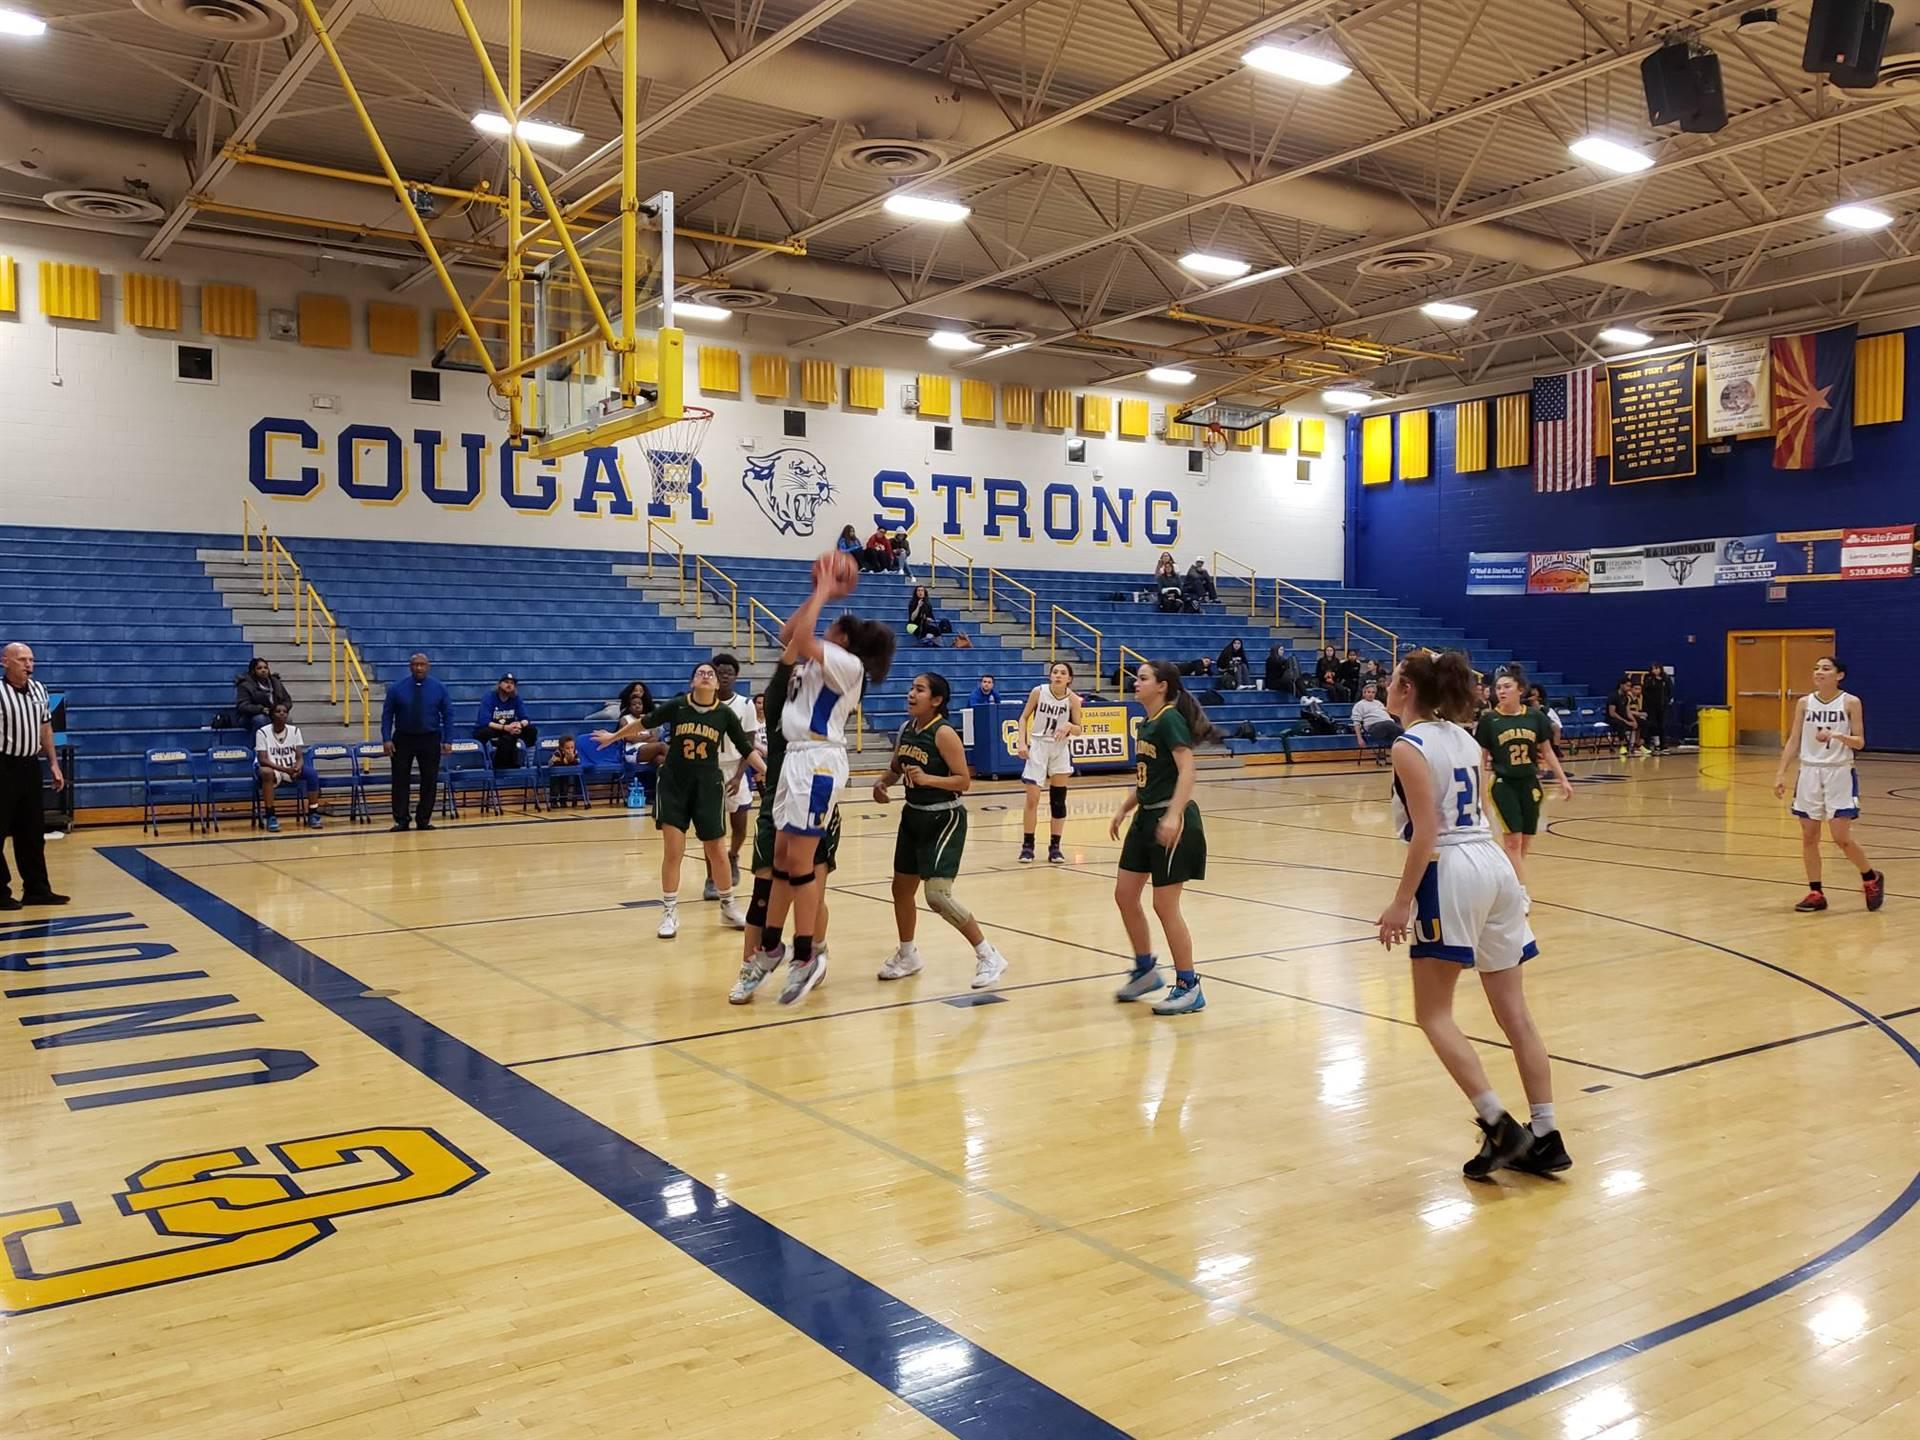 CG-BasketballGirls20200211 (1)